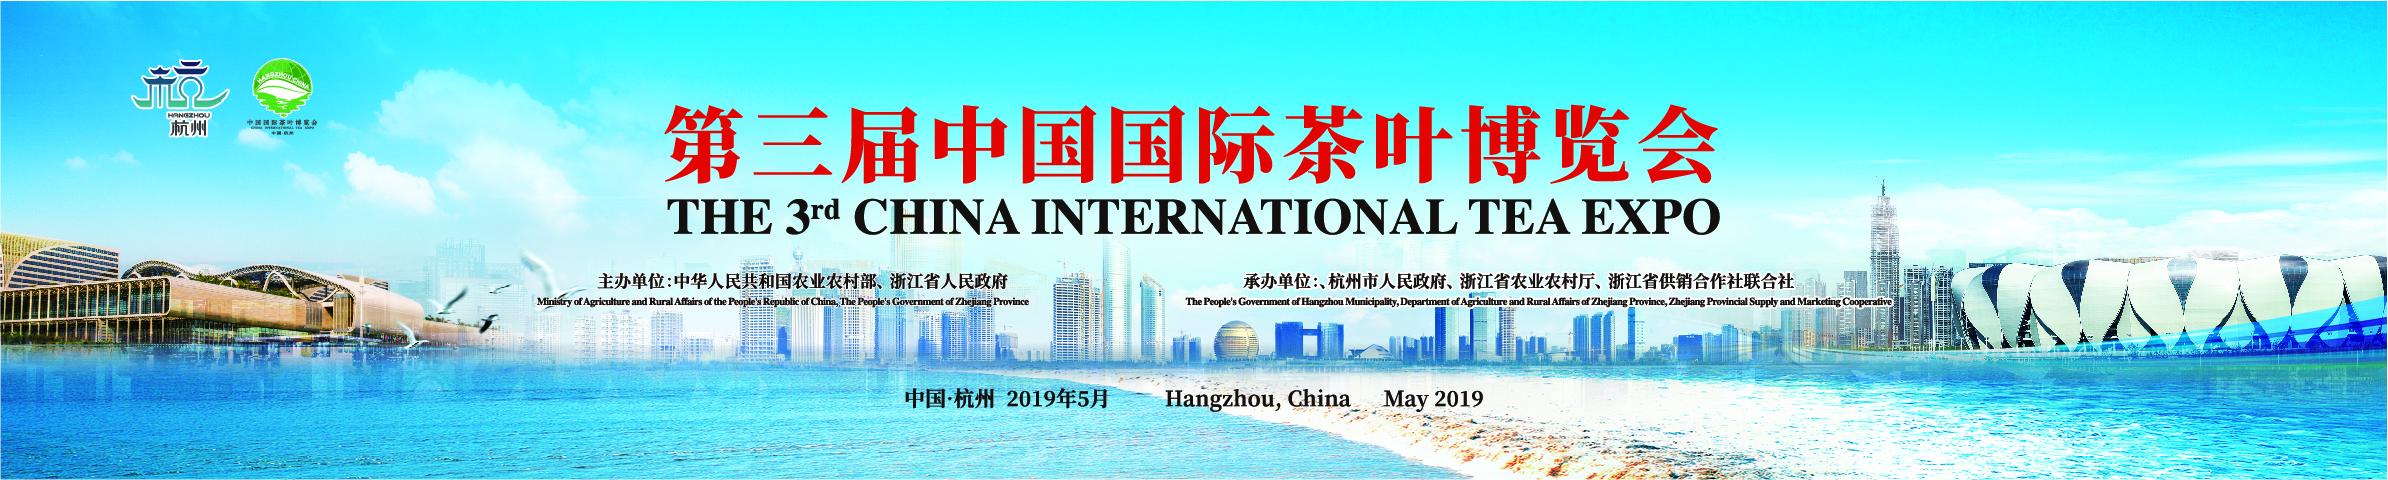 【专题】第三届中国国际金沙城叶博览会